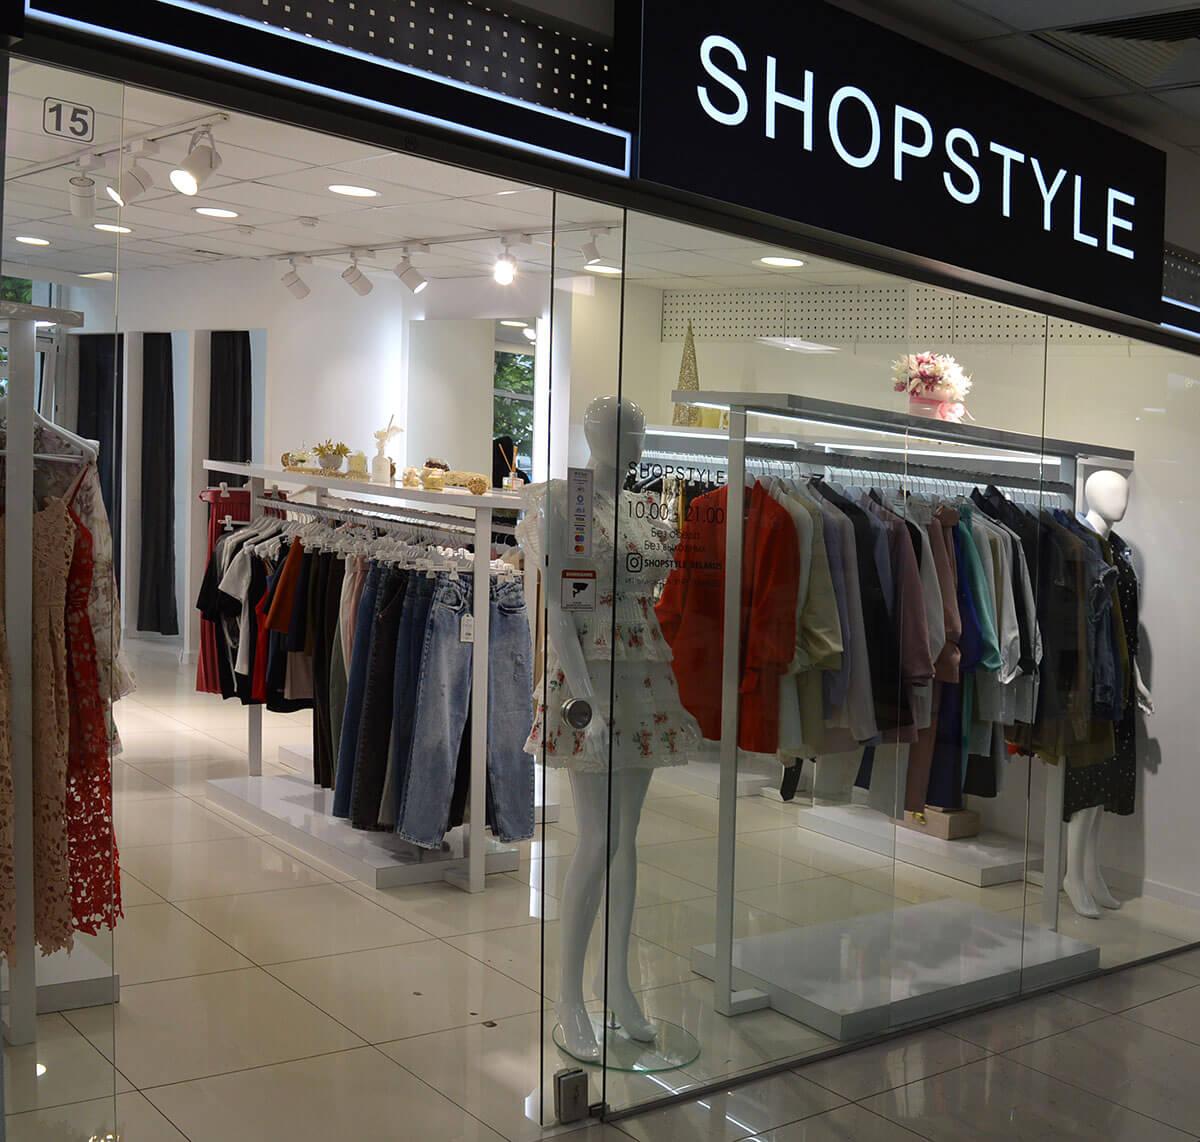 «SHOPSTYLE» - магазин женской одежды на 1-м этаже в павильонге №15